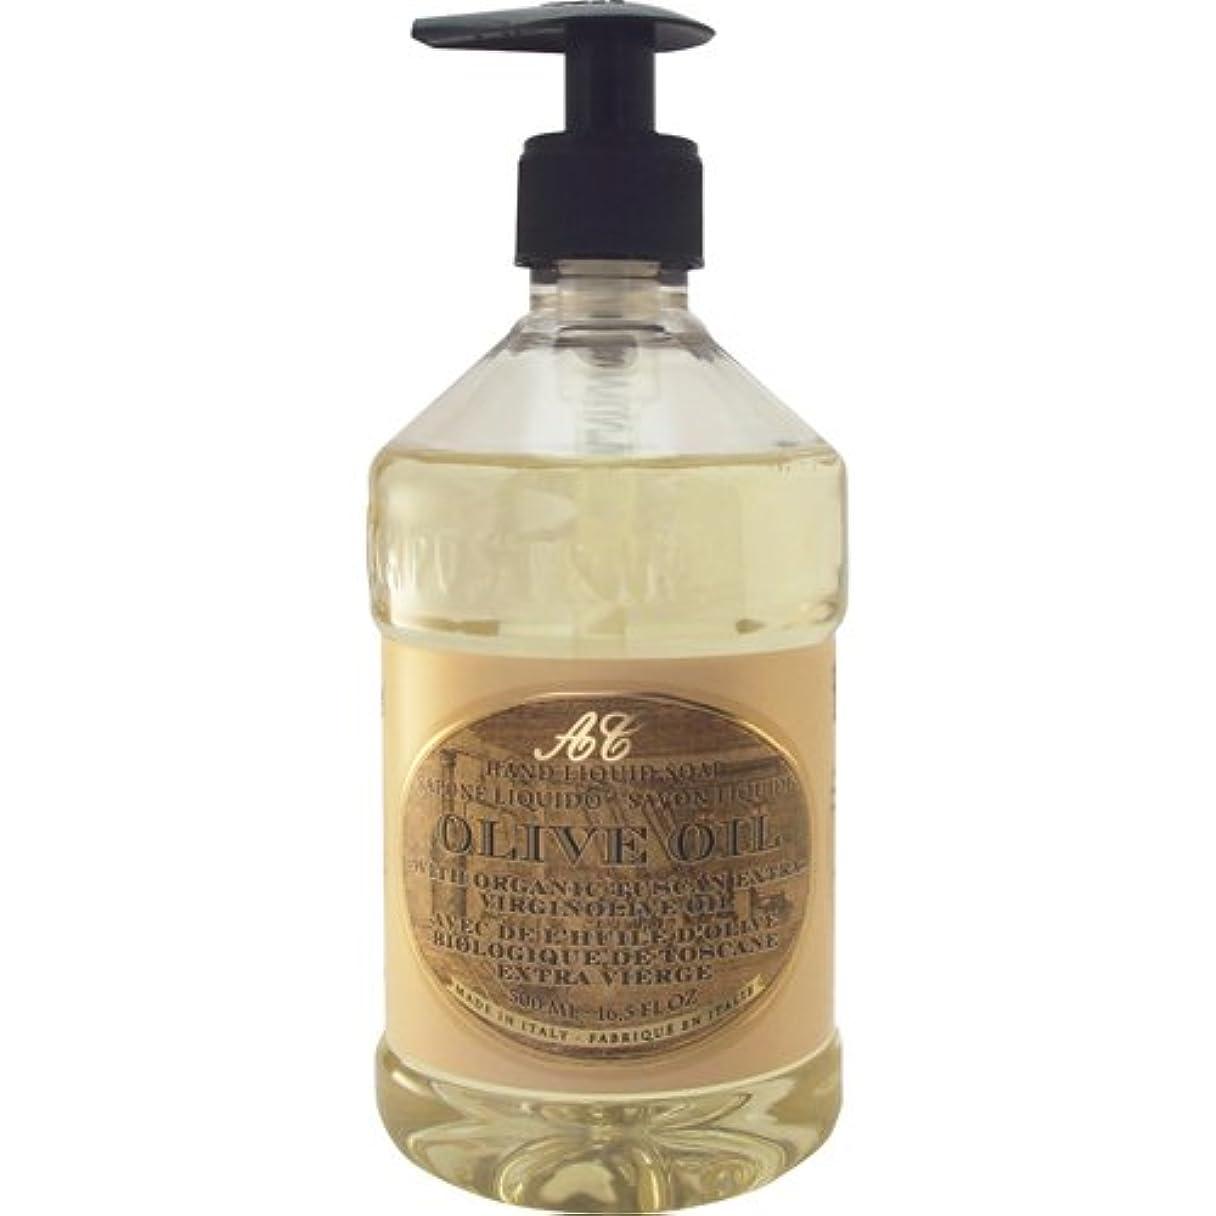 せっかち流イースターSaponerire Fissi レトロシリーズ Liquid Soap リキッドソープ 500ml Olive Oil オリーブオイル